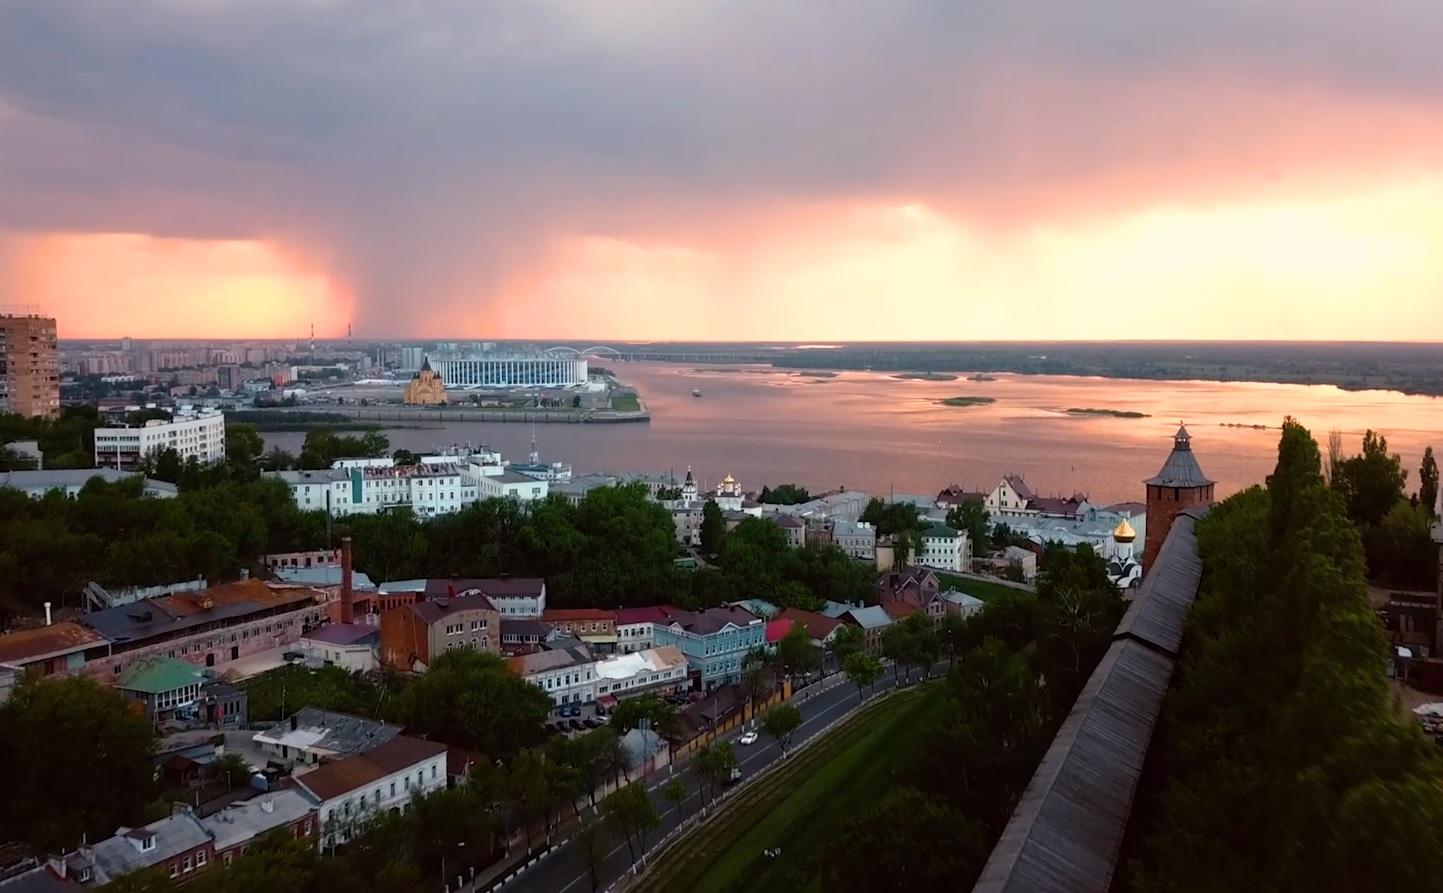 Видео дня. Нежный закат в Нижнем Новгороде перед дождём